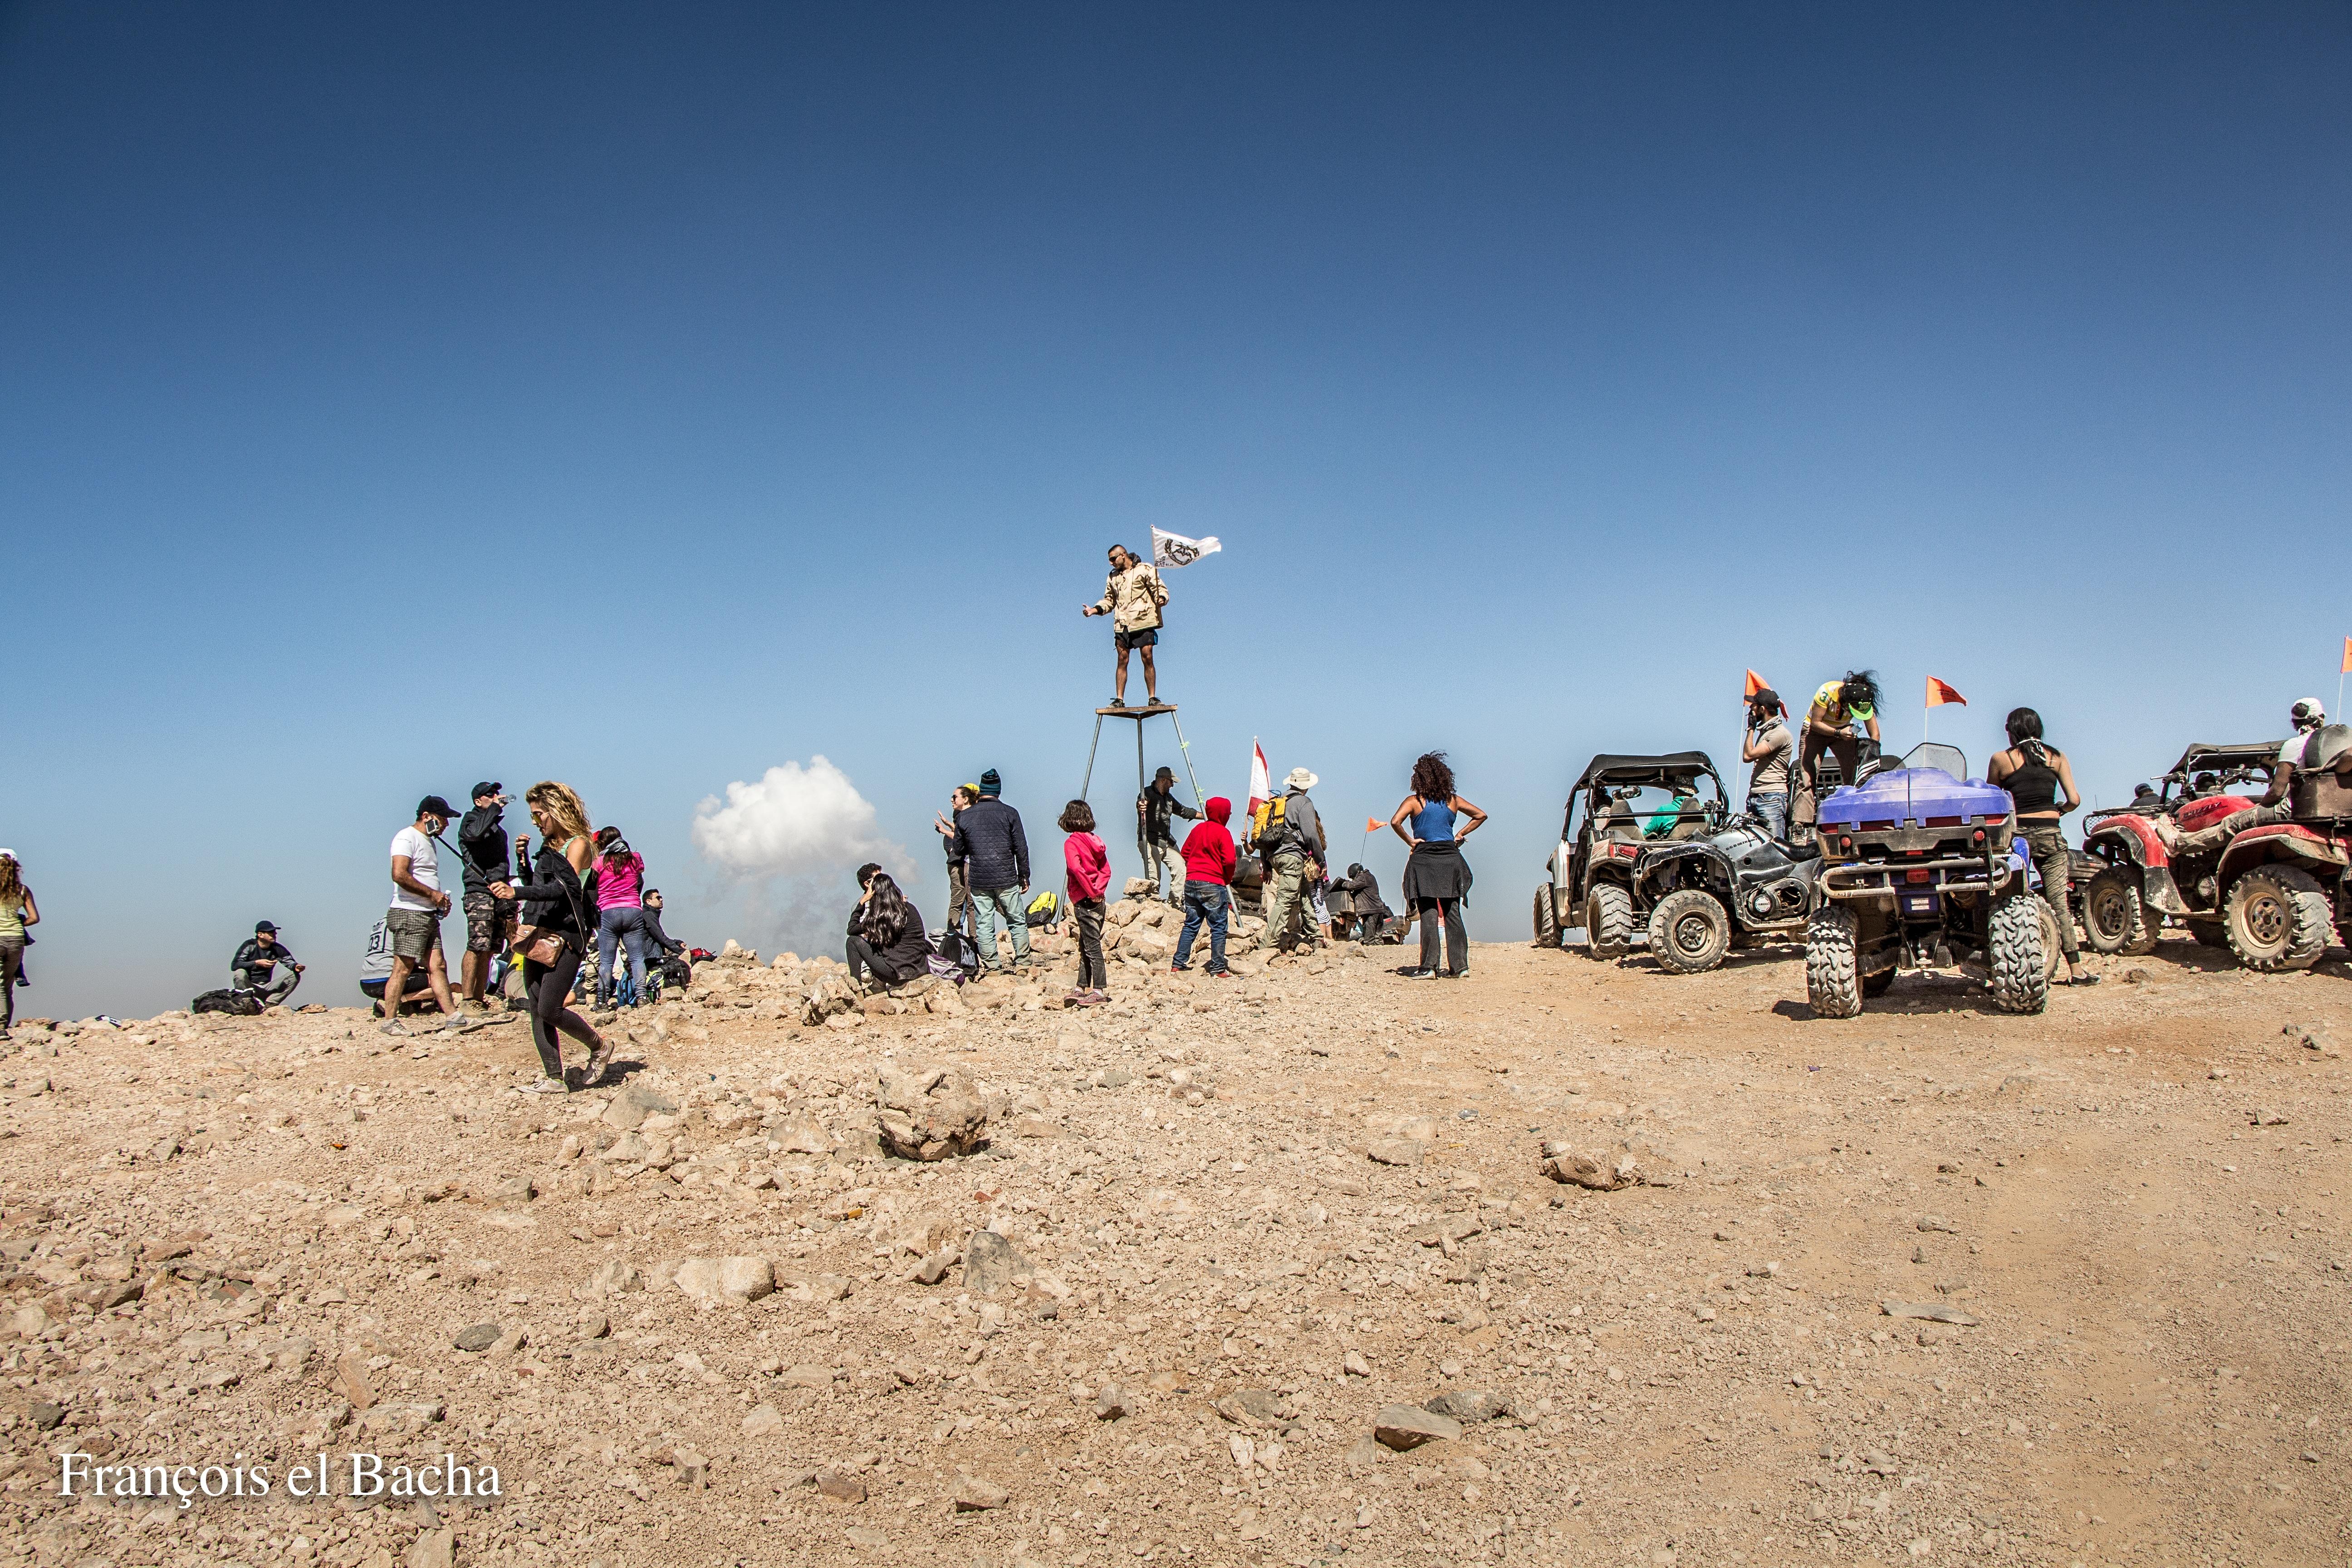 Le sommet de Kornet Saouda. Crédit Photo: François el Bacha, tous droits réservés.